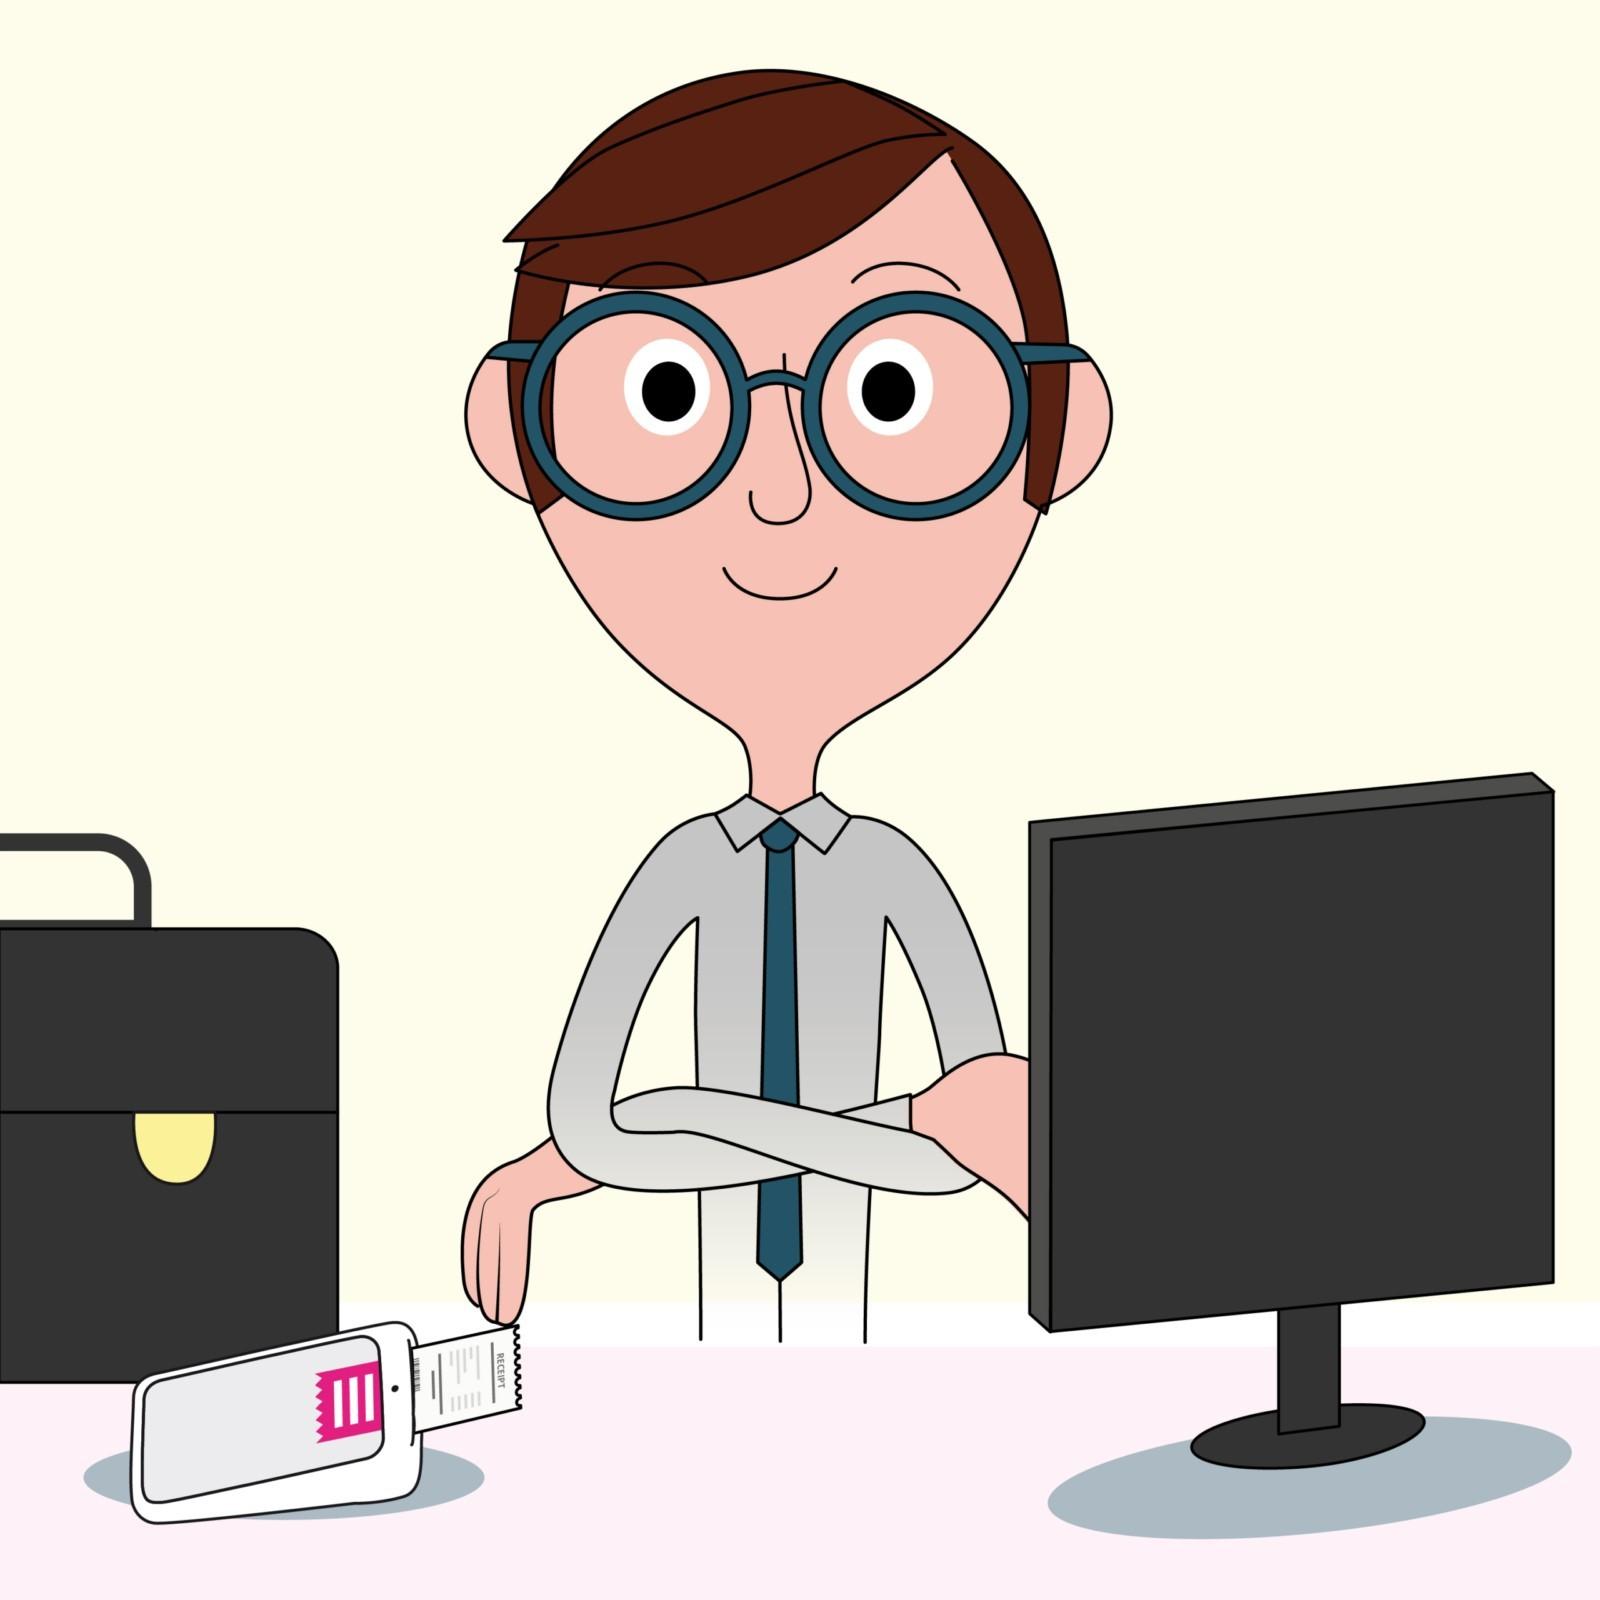 Pino medico seduto alla scrivania con sopra pc, valigetta e POS